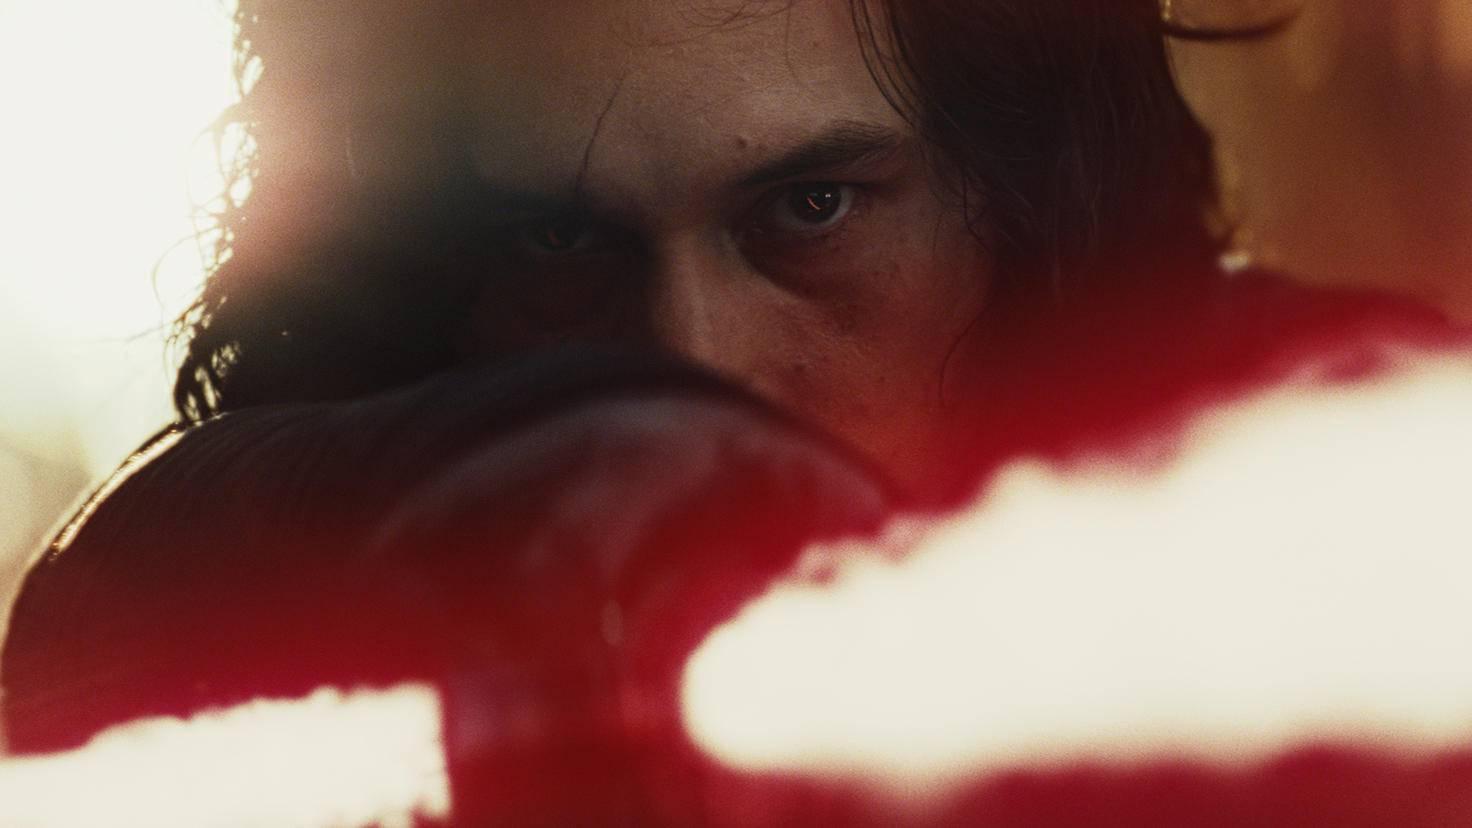 Kylo Ren scheint ein reges Interesse an Rey zu haben. Aber wieso?